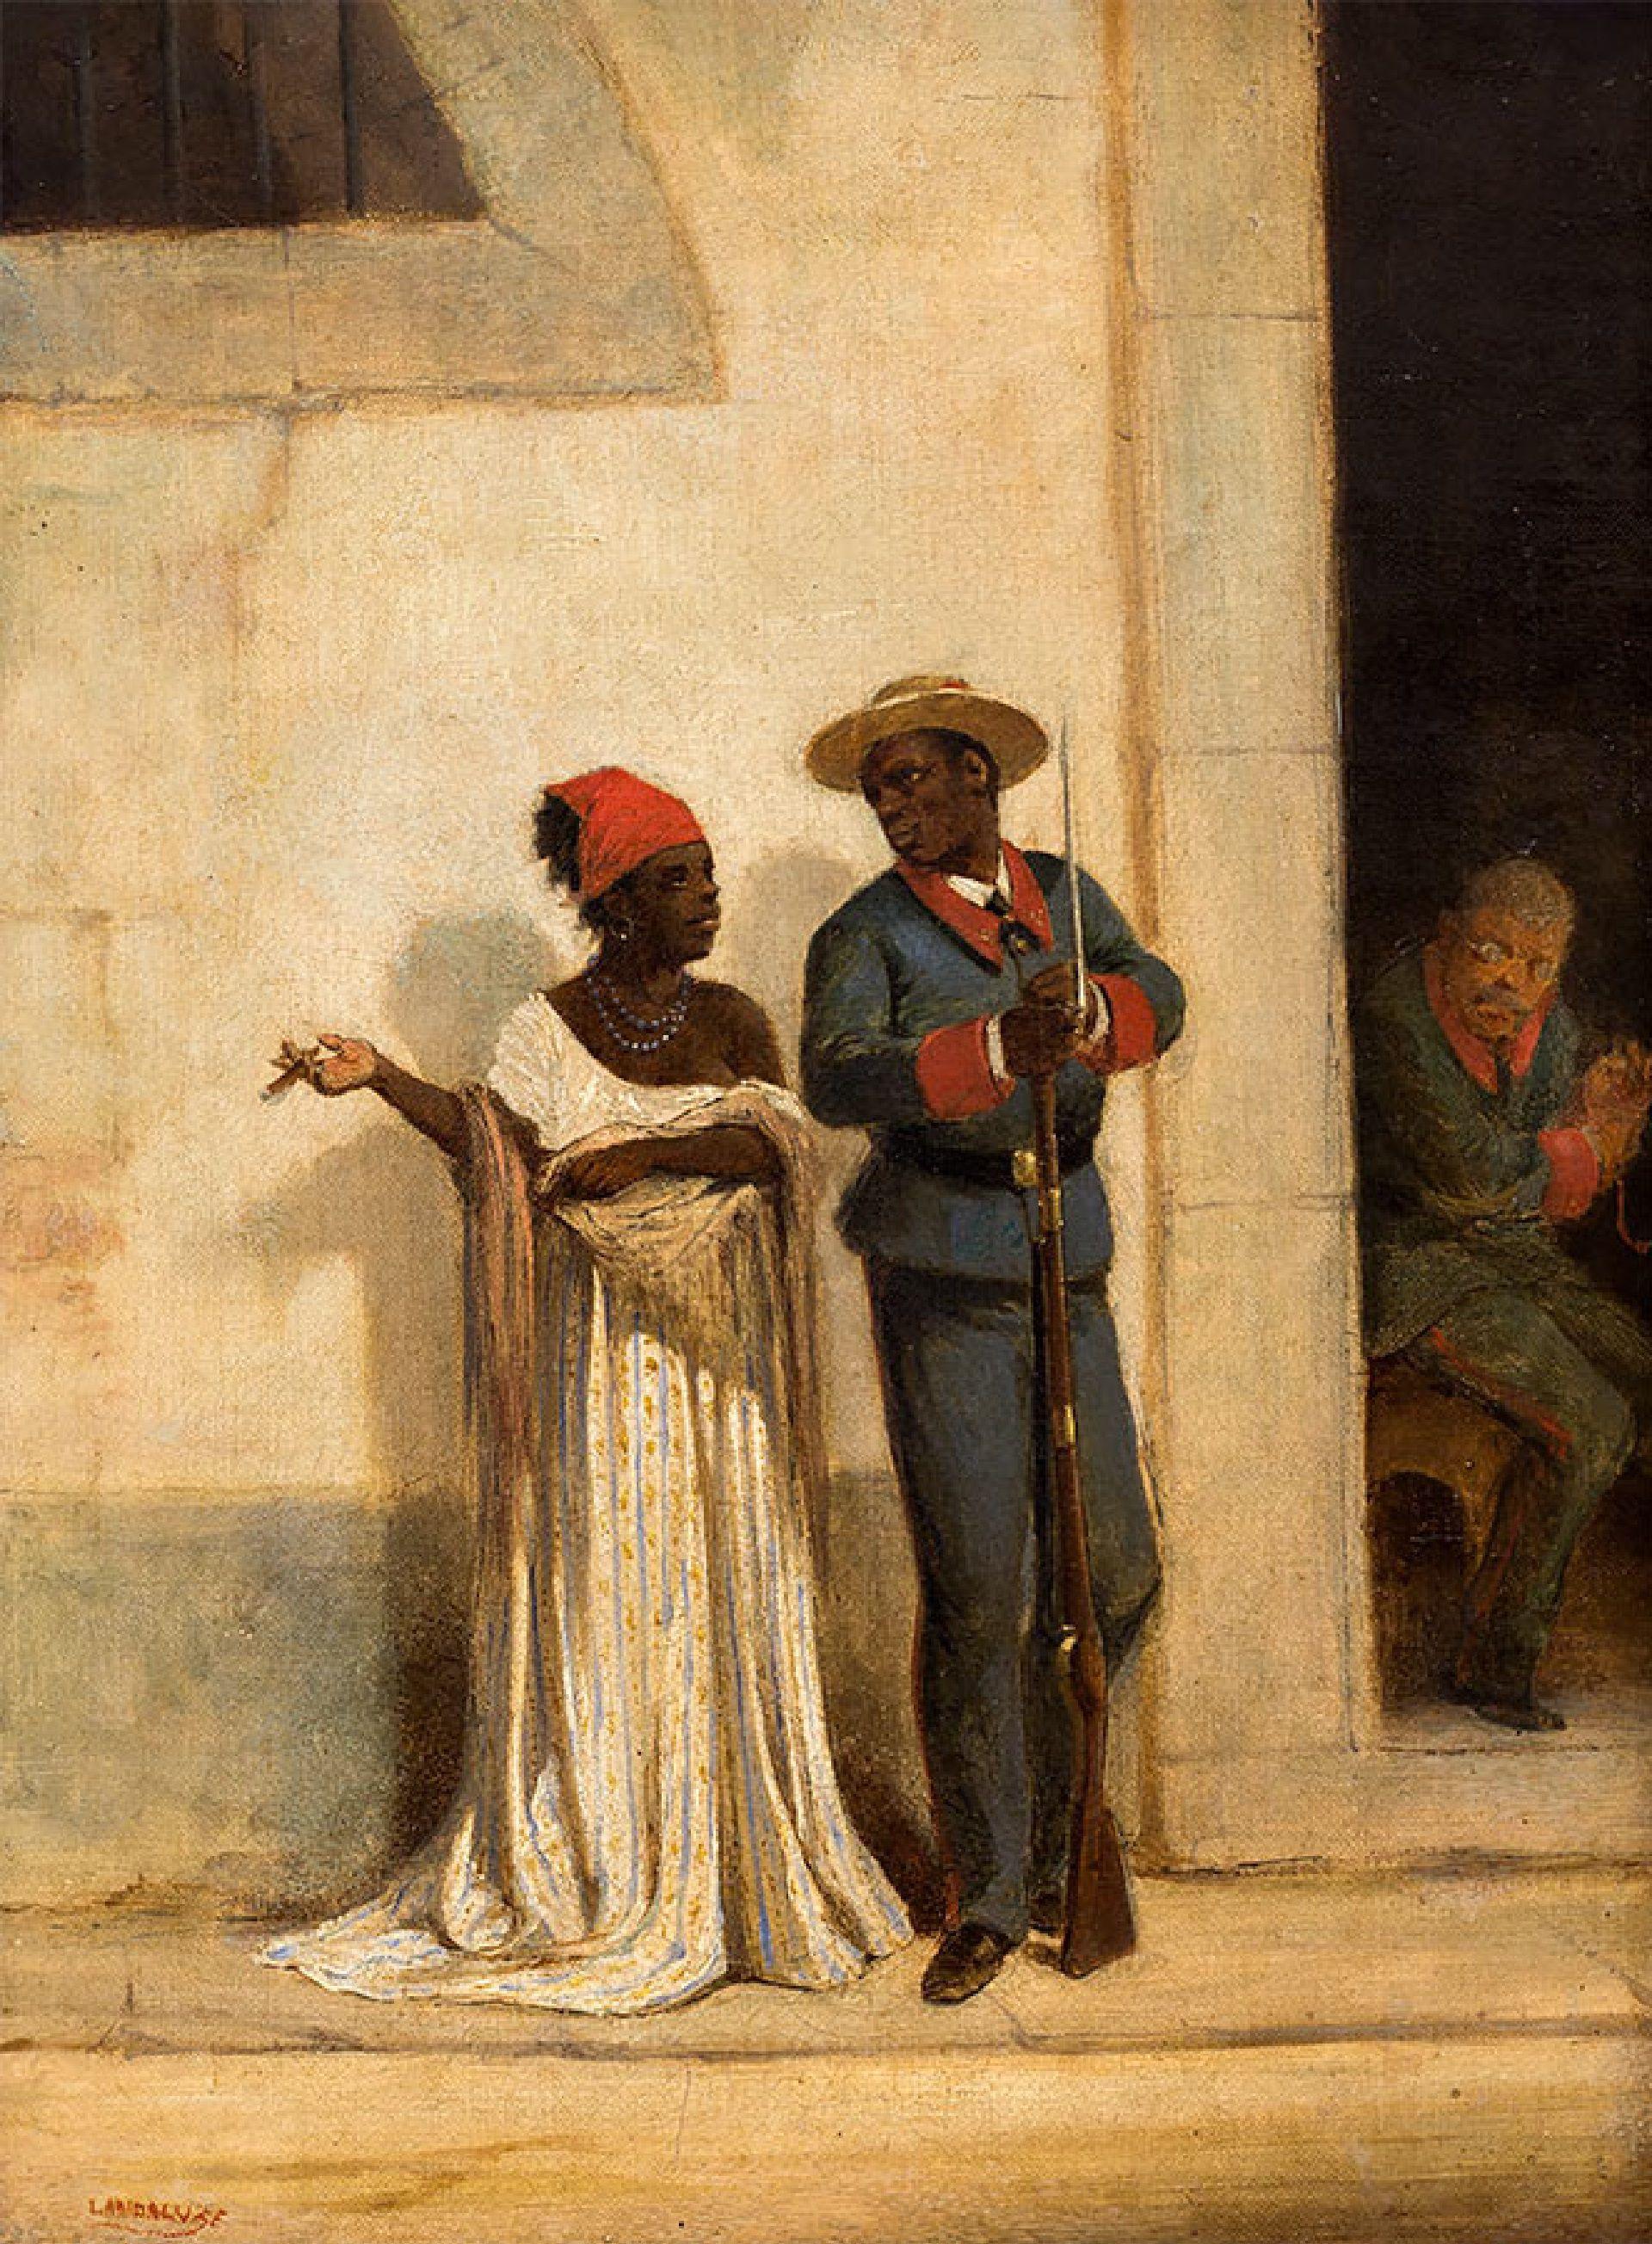 Víctor Patricio de Landaluce